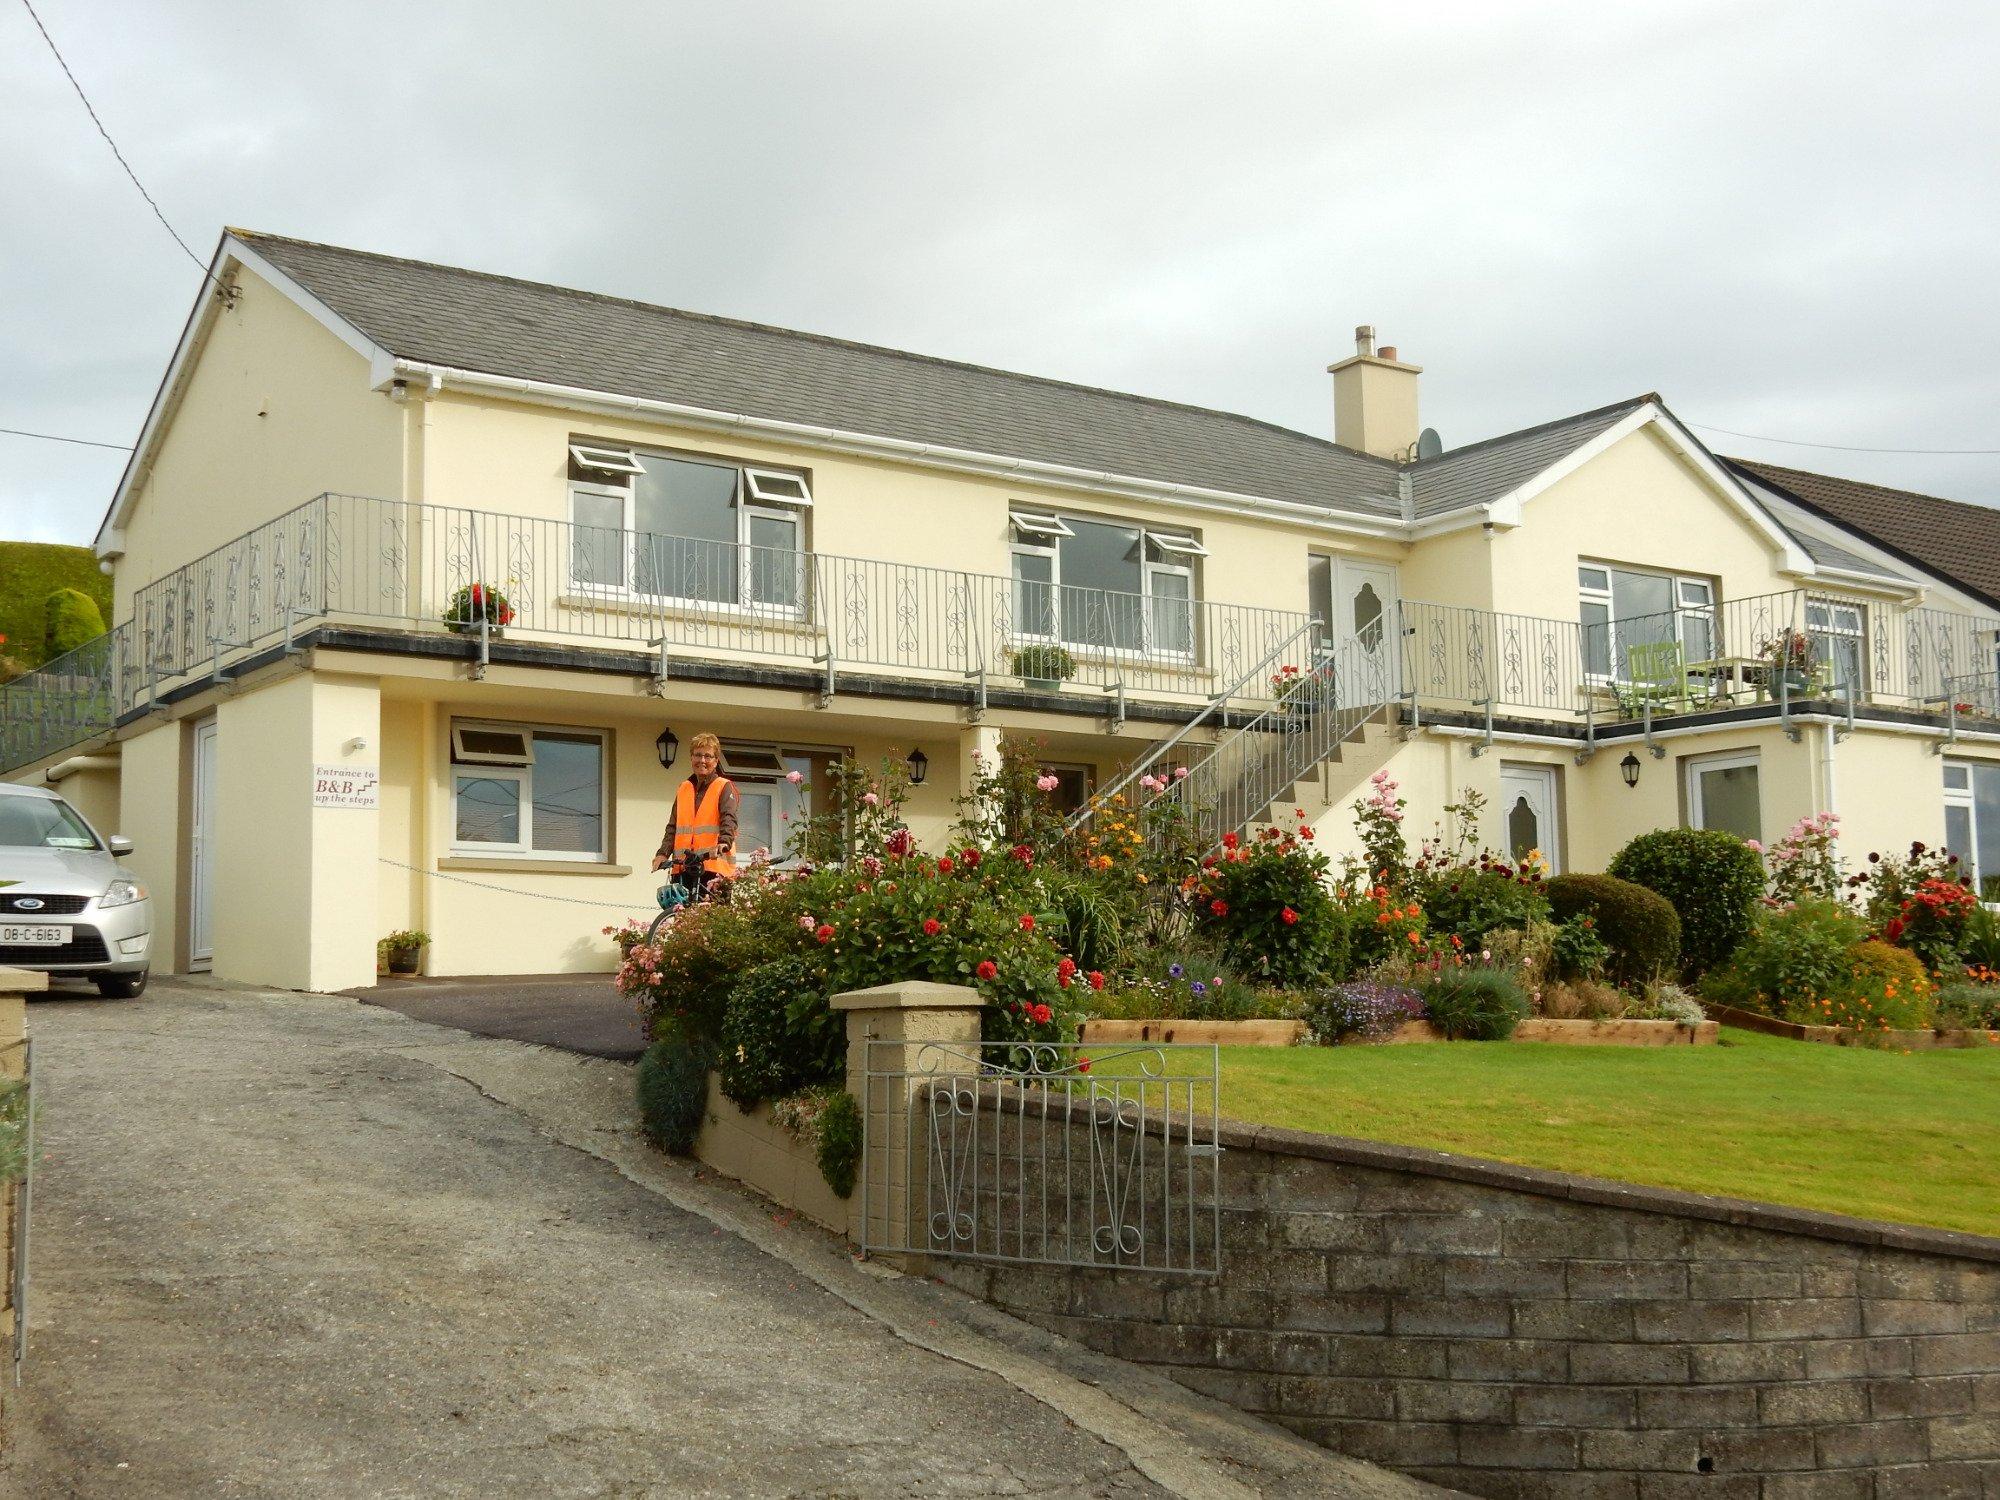 Knockanroe House